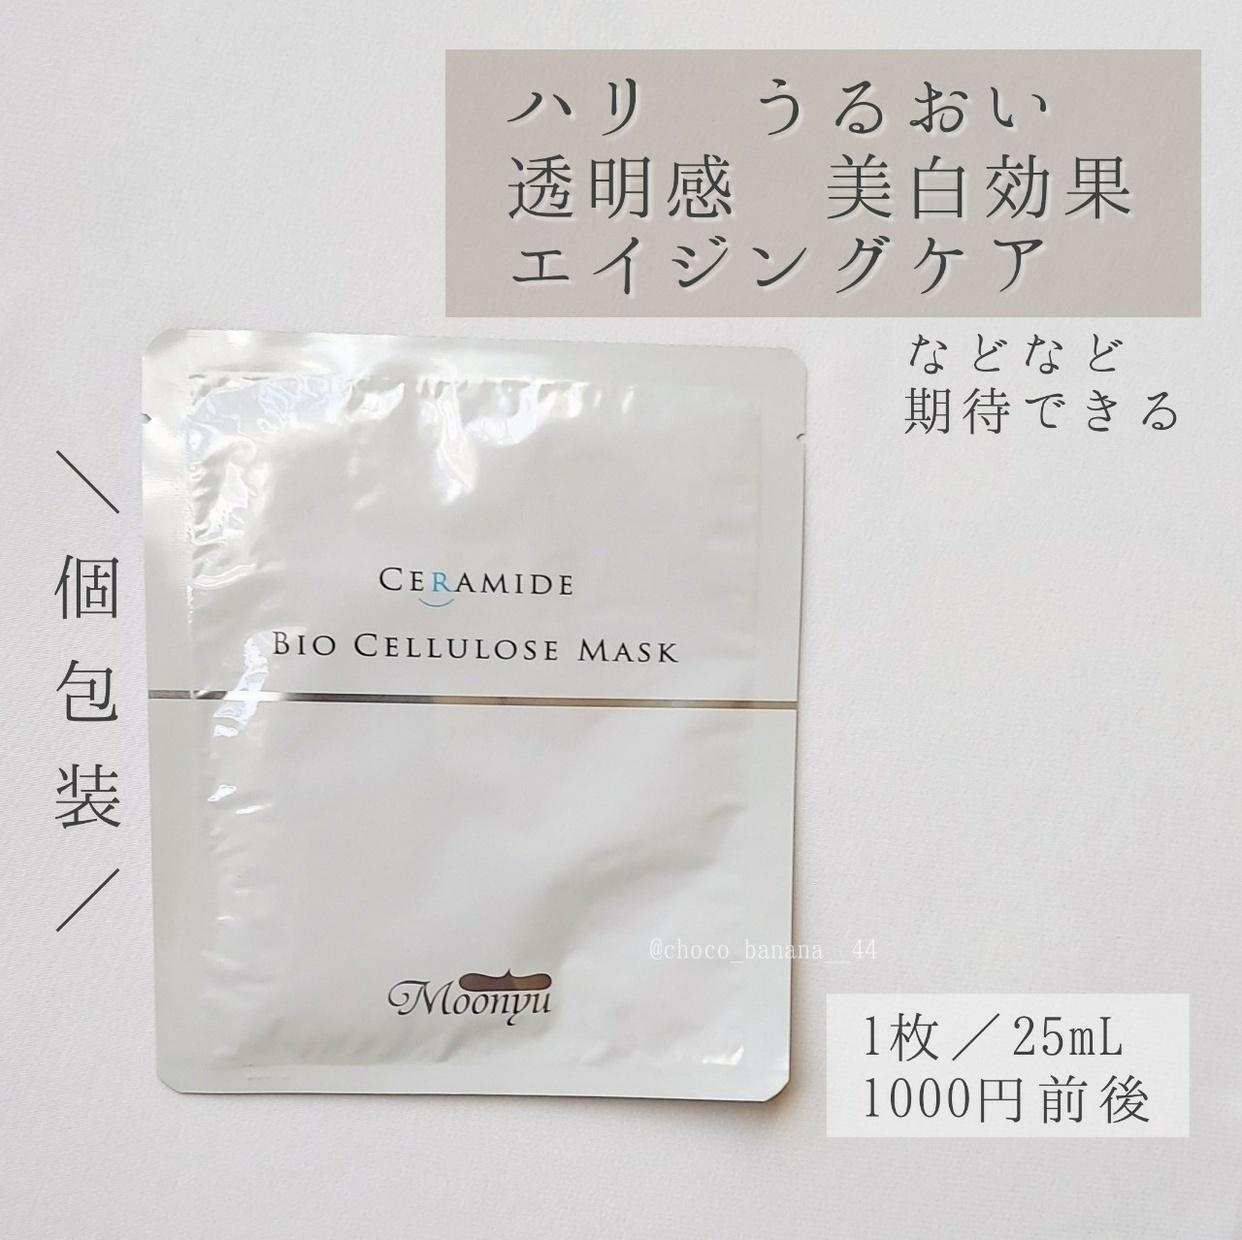 Moonyu(モーニュ) バイオセルロース マスクを使ったししさんのクチコミ画像2